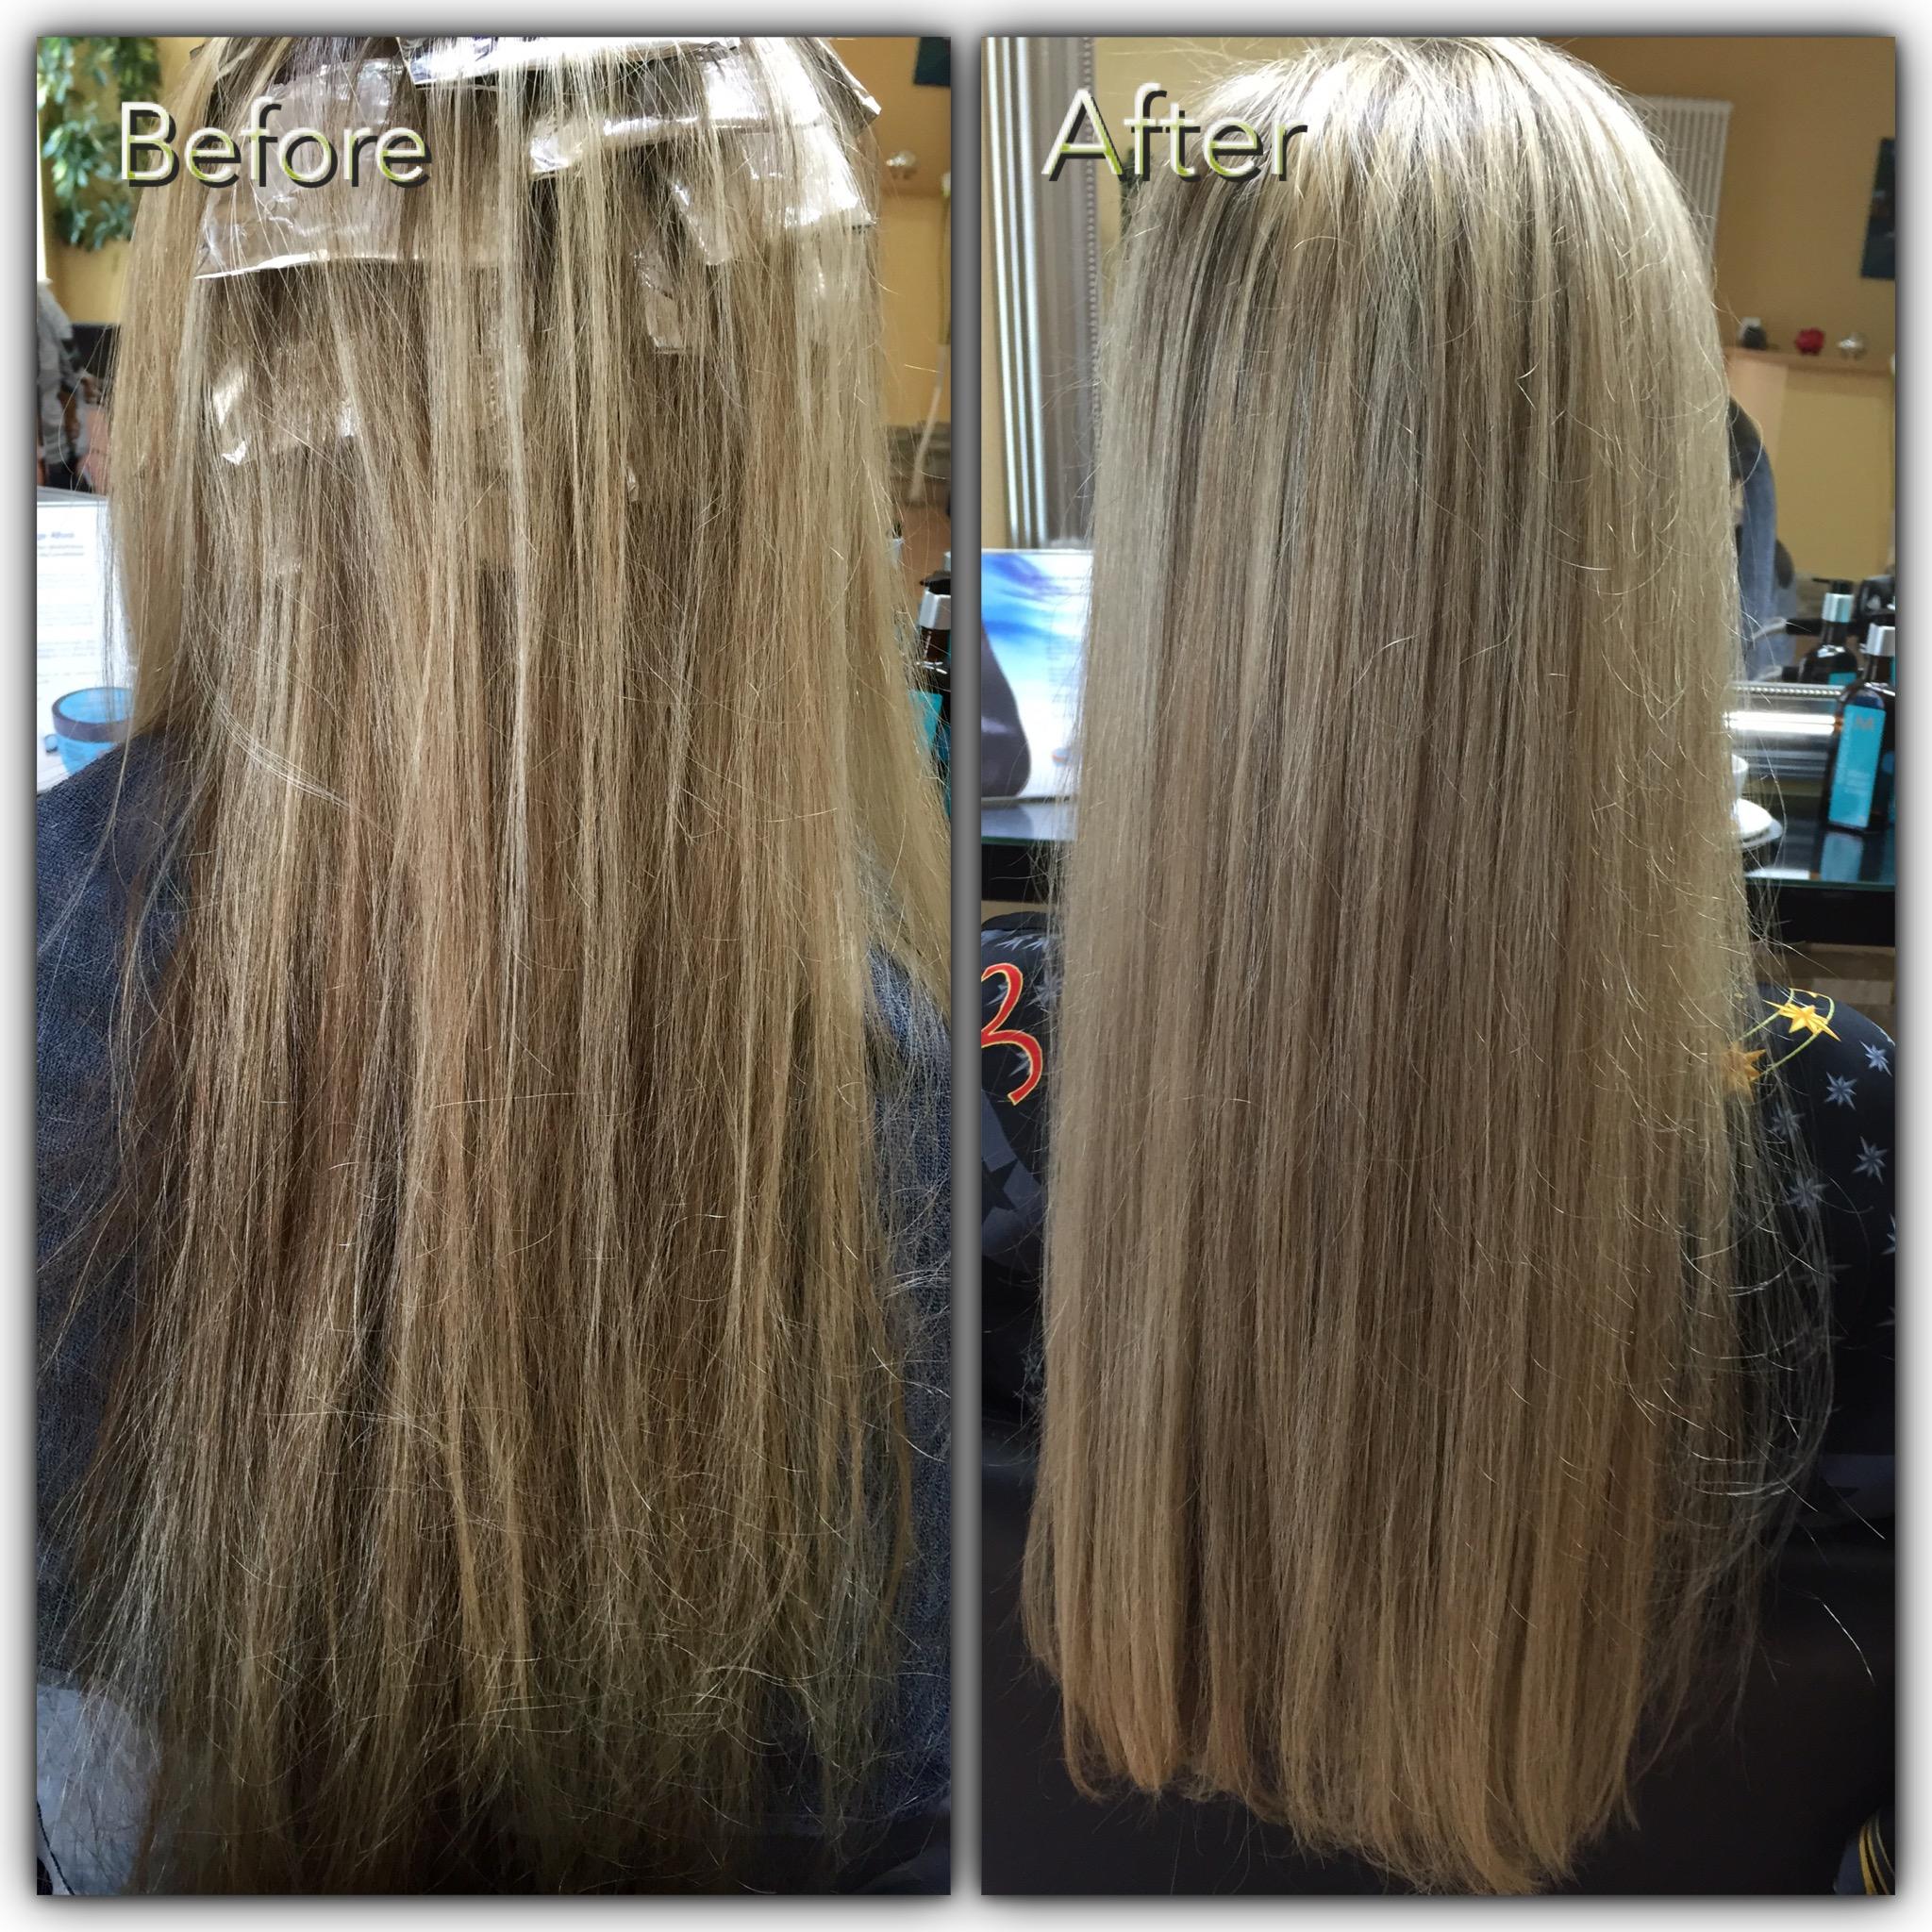 олаплекс для волос что это такое